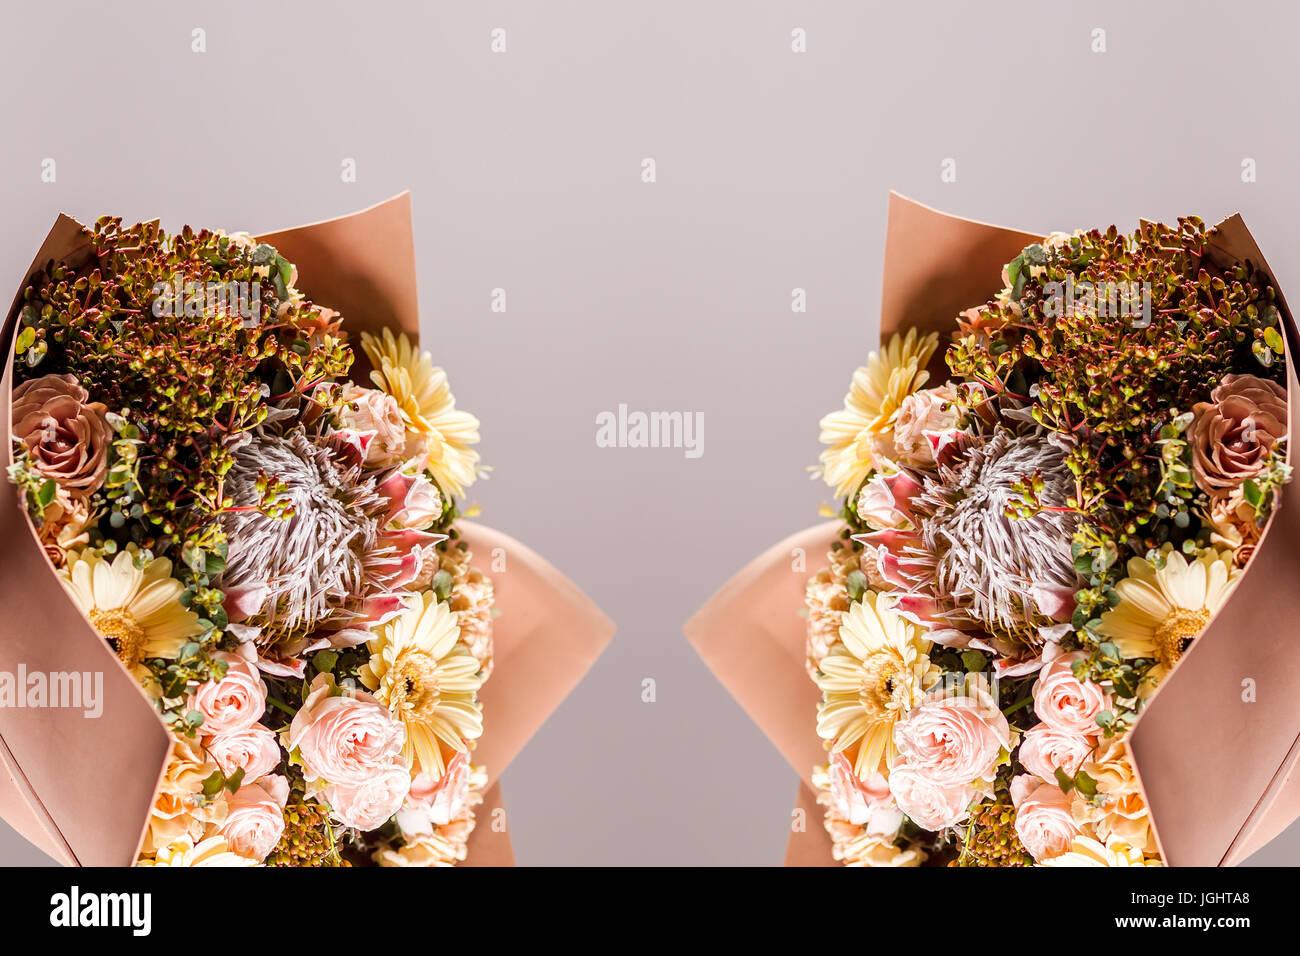 Flower Bouquet Clarksdale Ms Gallery - Flower Wallpaper HD